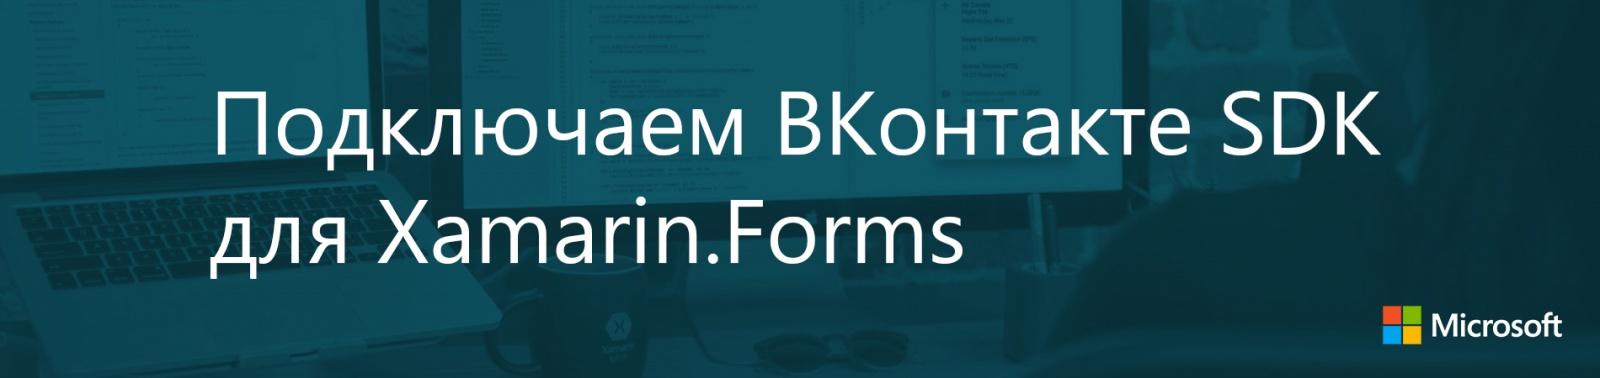 Подключаем ВКонтакте SDK для Xamarin.Forms - 1